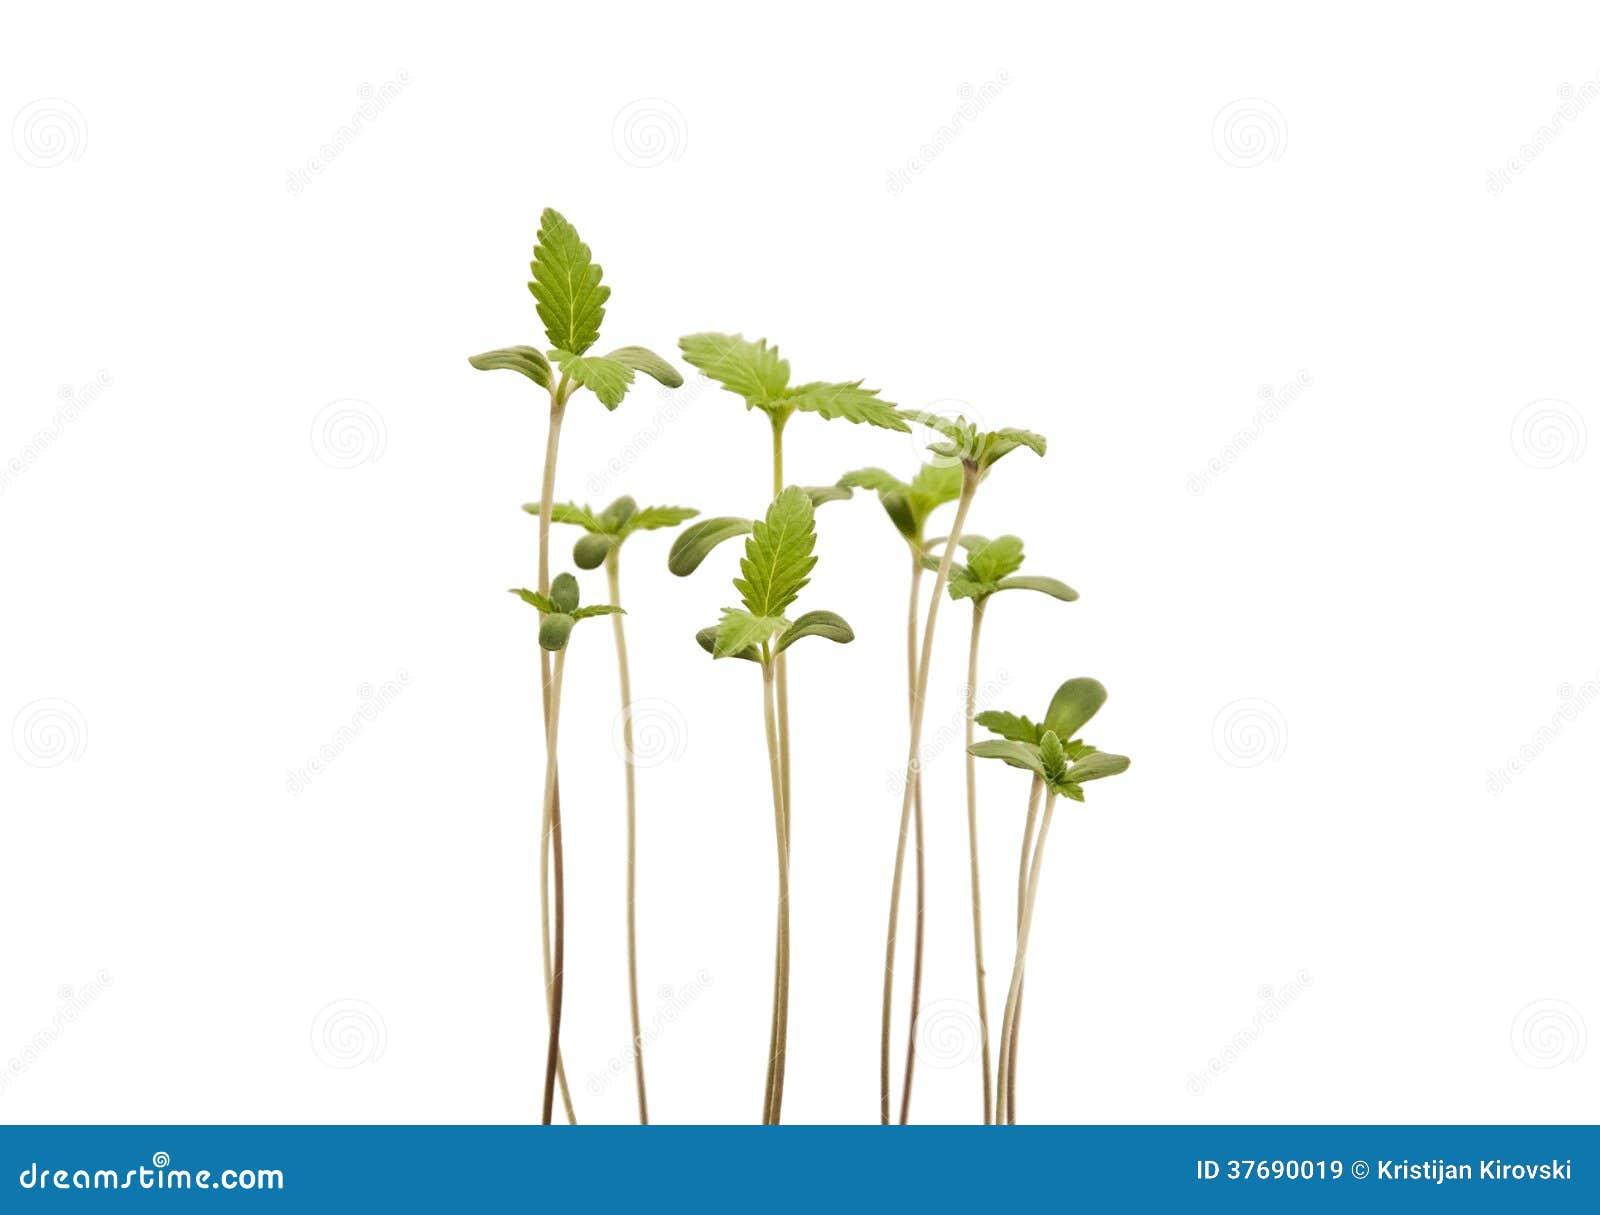 Молодые ростки конопли